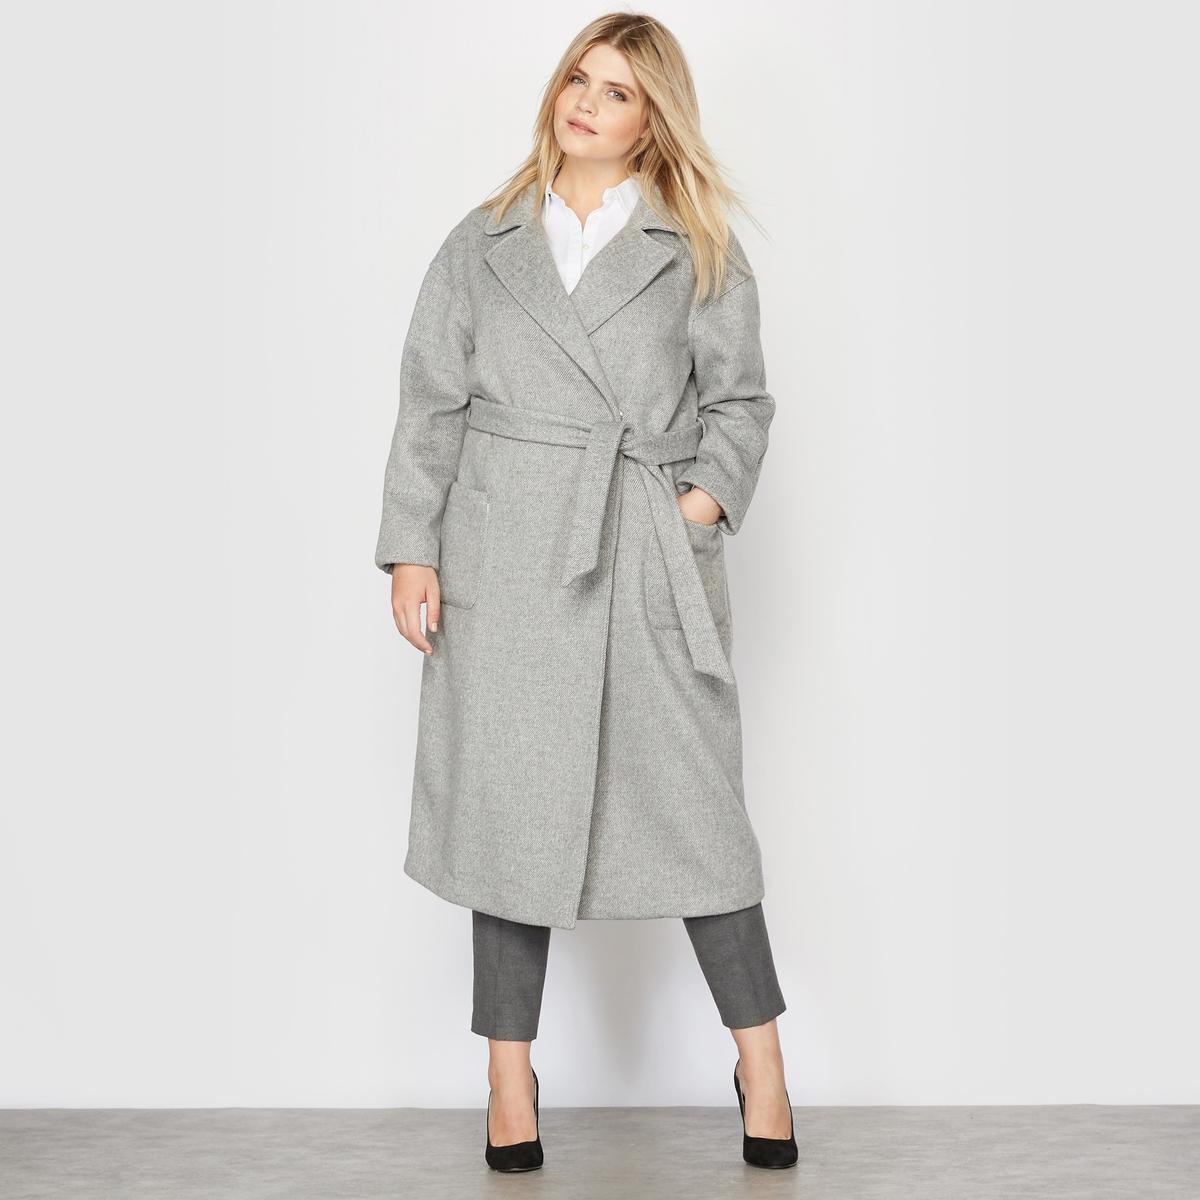 Пальто длинное, 34% шерстиПальто длинное.Очень красивая драповая шерсть, плотная и тёплая.Пиджачный воротник.Застёжка на 2 внутренние кнопки спереди, с поясом.2 накладных кармана.Съемный пояс со шлевками.Длинные рукава, закругленные вставки на плечах.Шлица сзади посередине.Очень красивая внутренняя отделка  белой лентой (шнуром). Состав и описание :Материал : меланжевая ткань 54% полиэстера, 34% шерсти, 7% акрила, 5% полиамида. Без подкладки.Длина: 111 см. Марка : CASTALUNA.Уход: Сухая чистка..<br><br>Цвет: светло-серый<br>Размер: 54 (FR) - 60 (RUS)